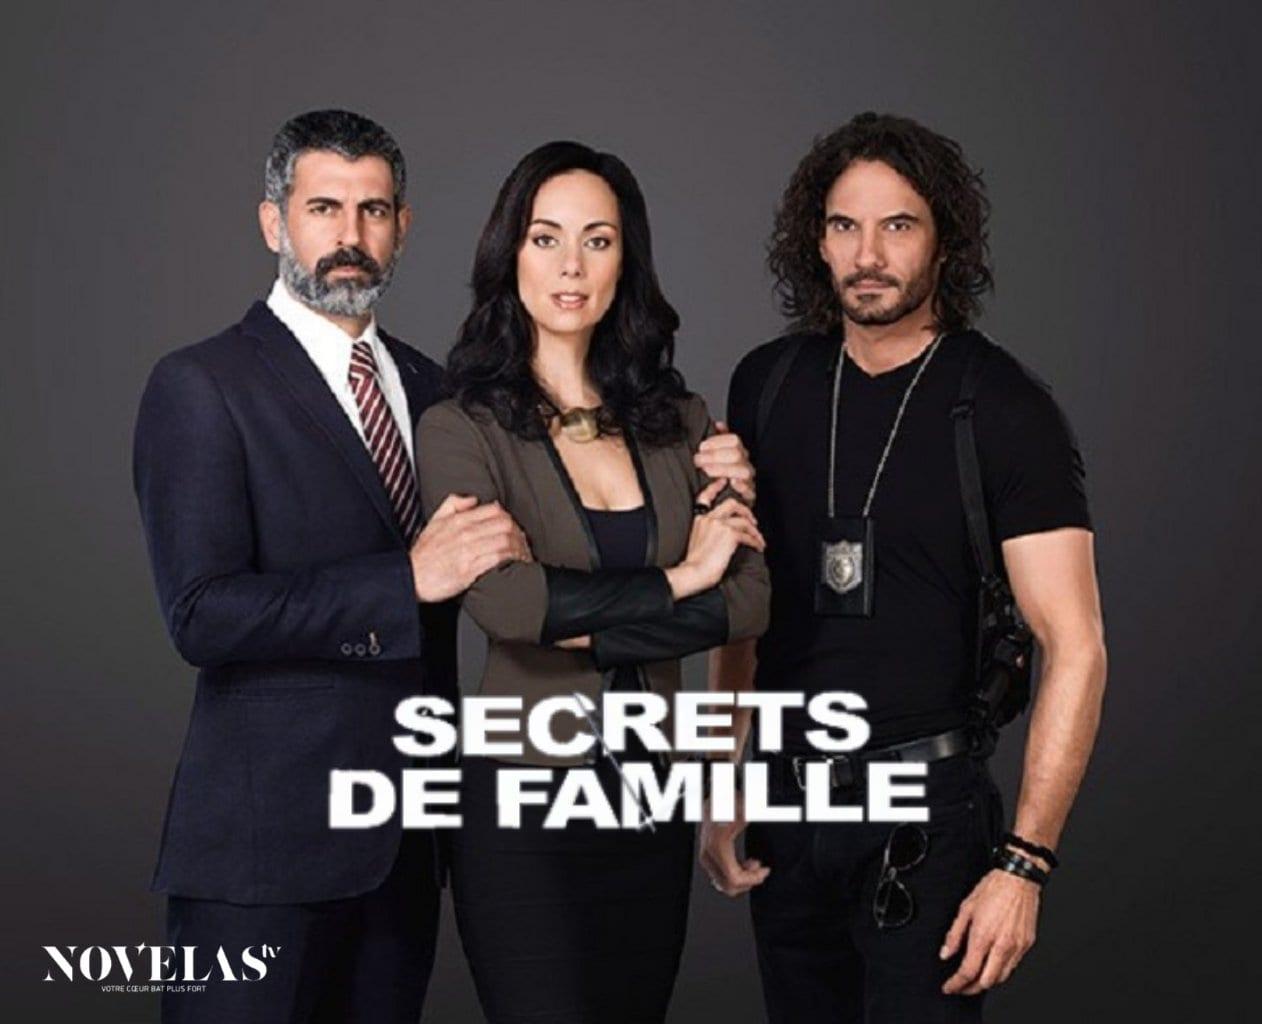 SECRETS DE FAMILLE, NOUVELLE SÉRIE MEXICAINE DÈS LE 10 DÉCEMBRE SUR NOVELAS TV ! – NOVELAS TV CLUB